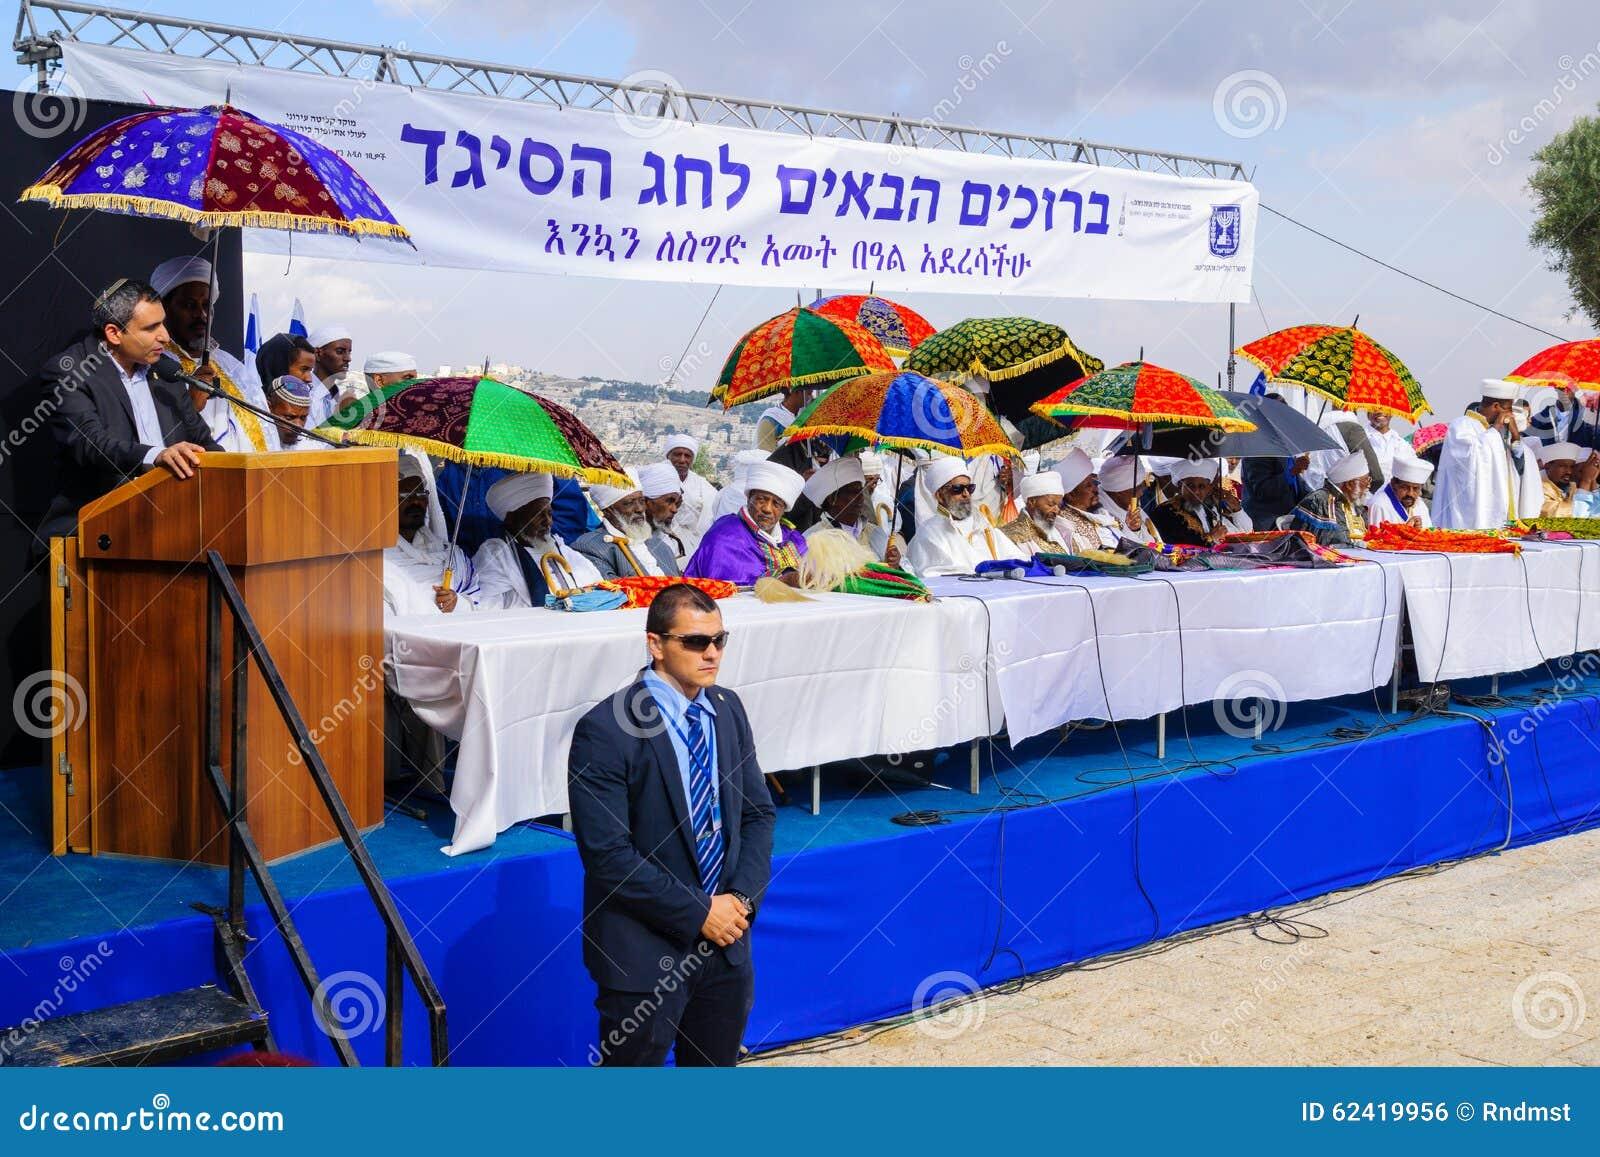 Sigd 2015 - feriado do povo judeu etíope